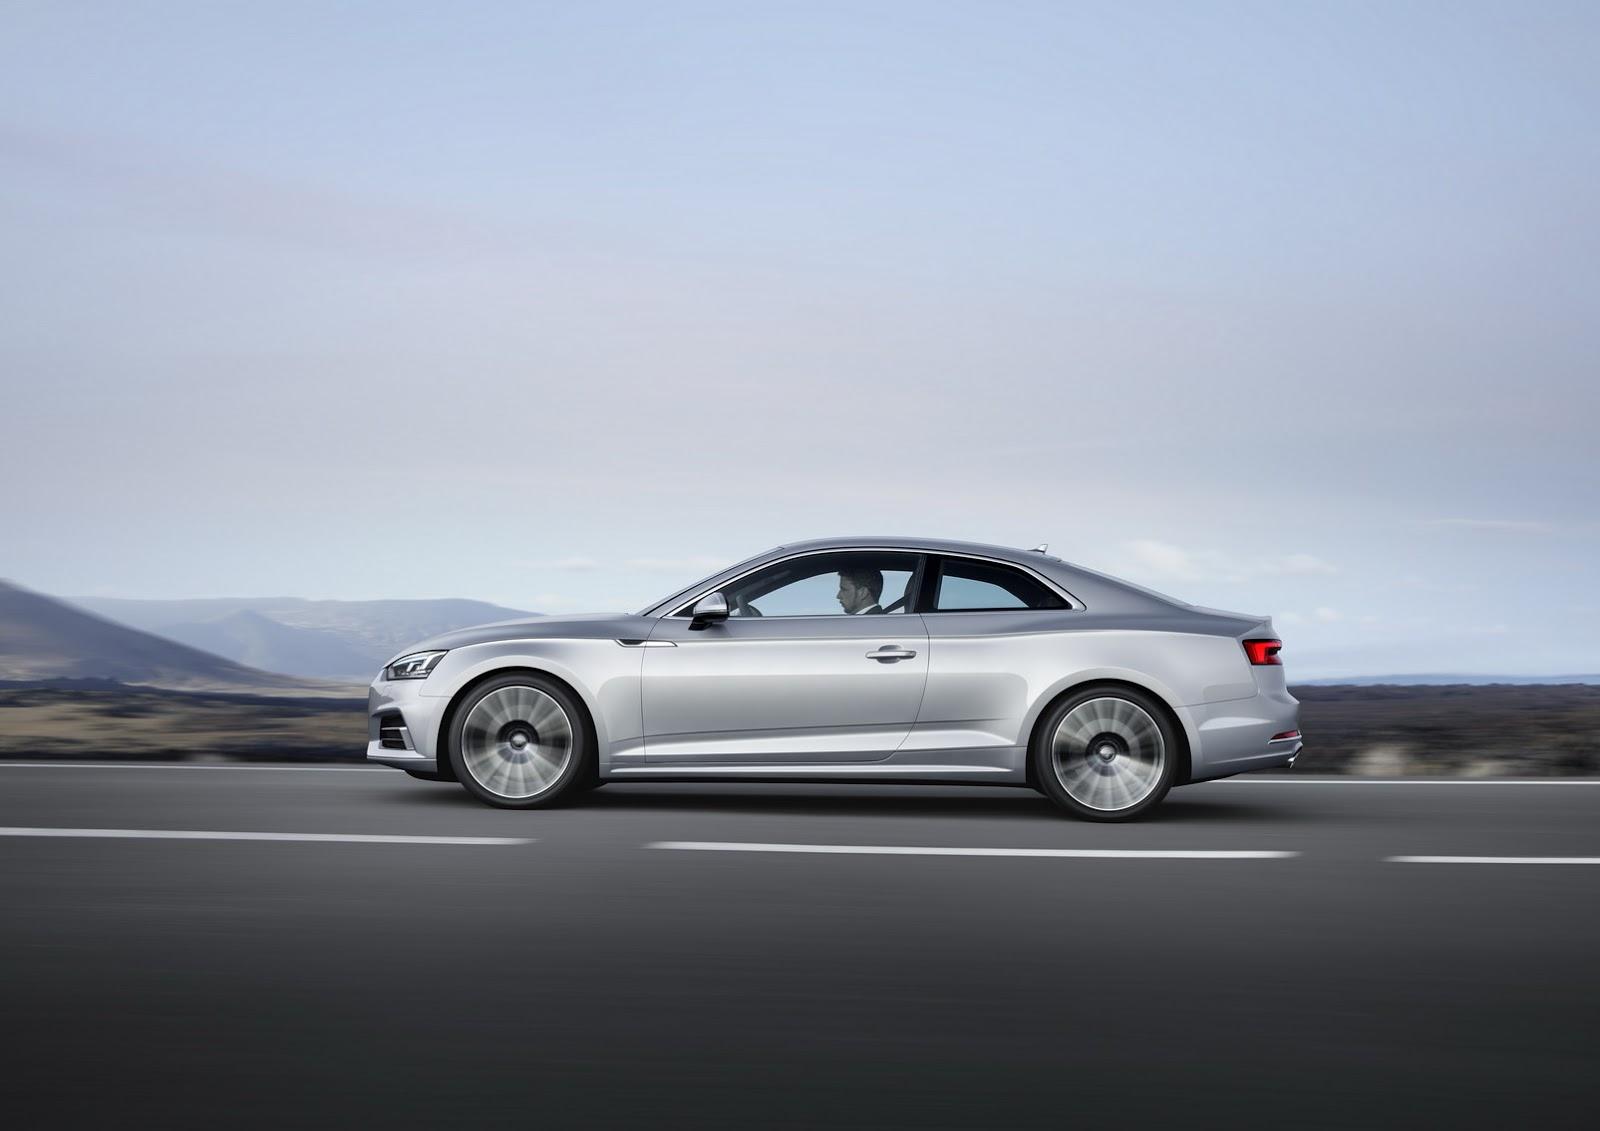 Được phát triển dựa trên cơ sở gầm bệ MLB Evo, Audi A5 2017 nhẹ hơn 60 kg so với trước đây. Điều này càng ấn tượng hơn khi Audi A5 2017 trên thực tế sở hữu chiều dài cơ sở lớn hơn trước. Ngoài ra, Audi A5 thế hệ mới còn sở hữu hệ số lực cản không khí thấp hàng đầu phân khúc, chỉ 0,25 Cd.